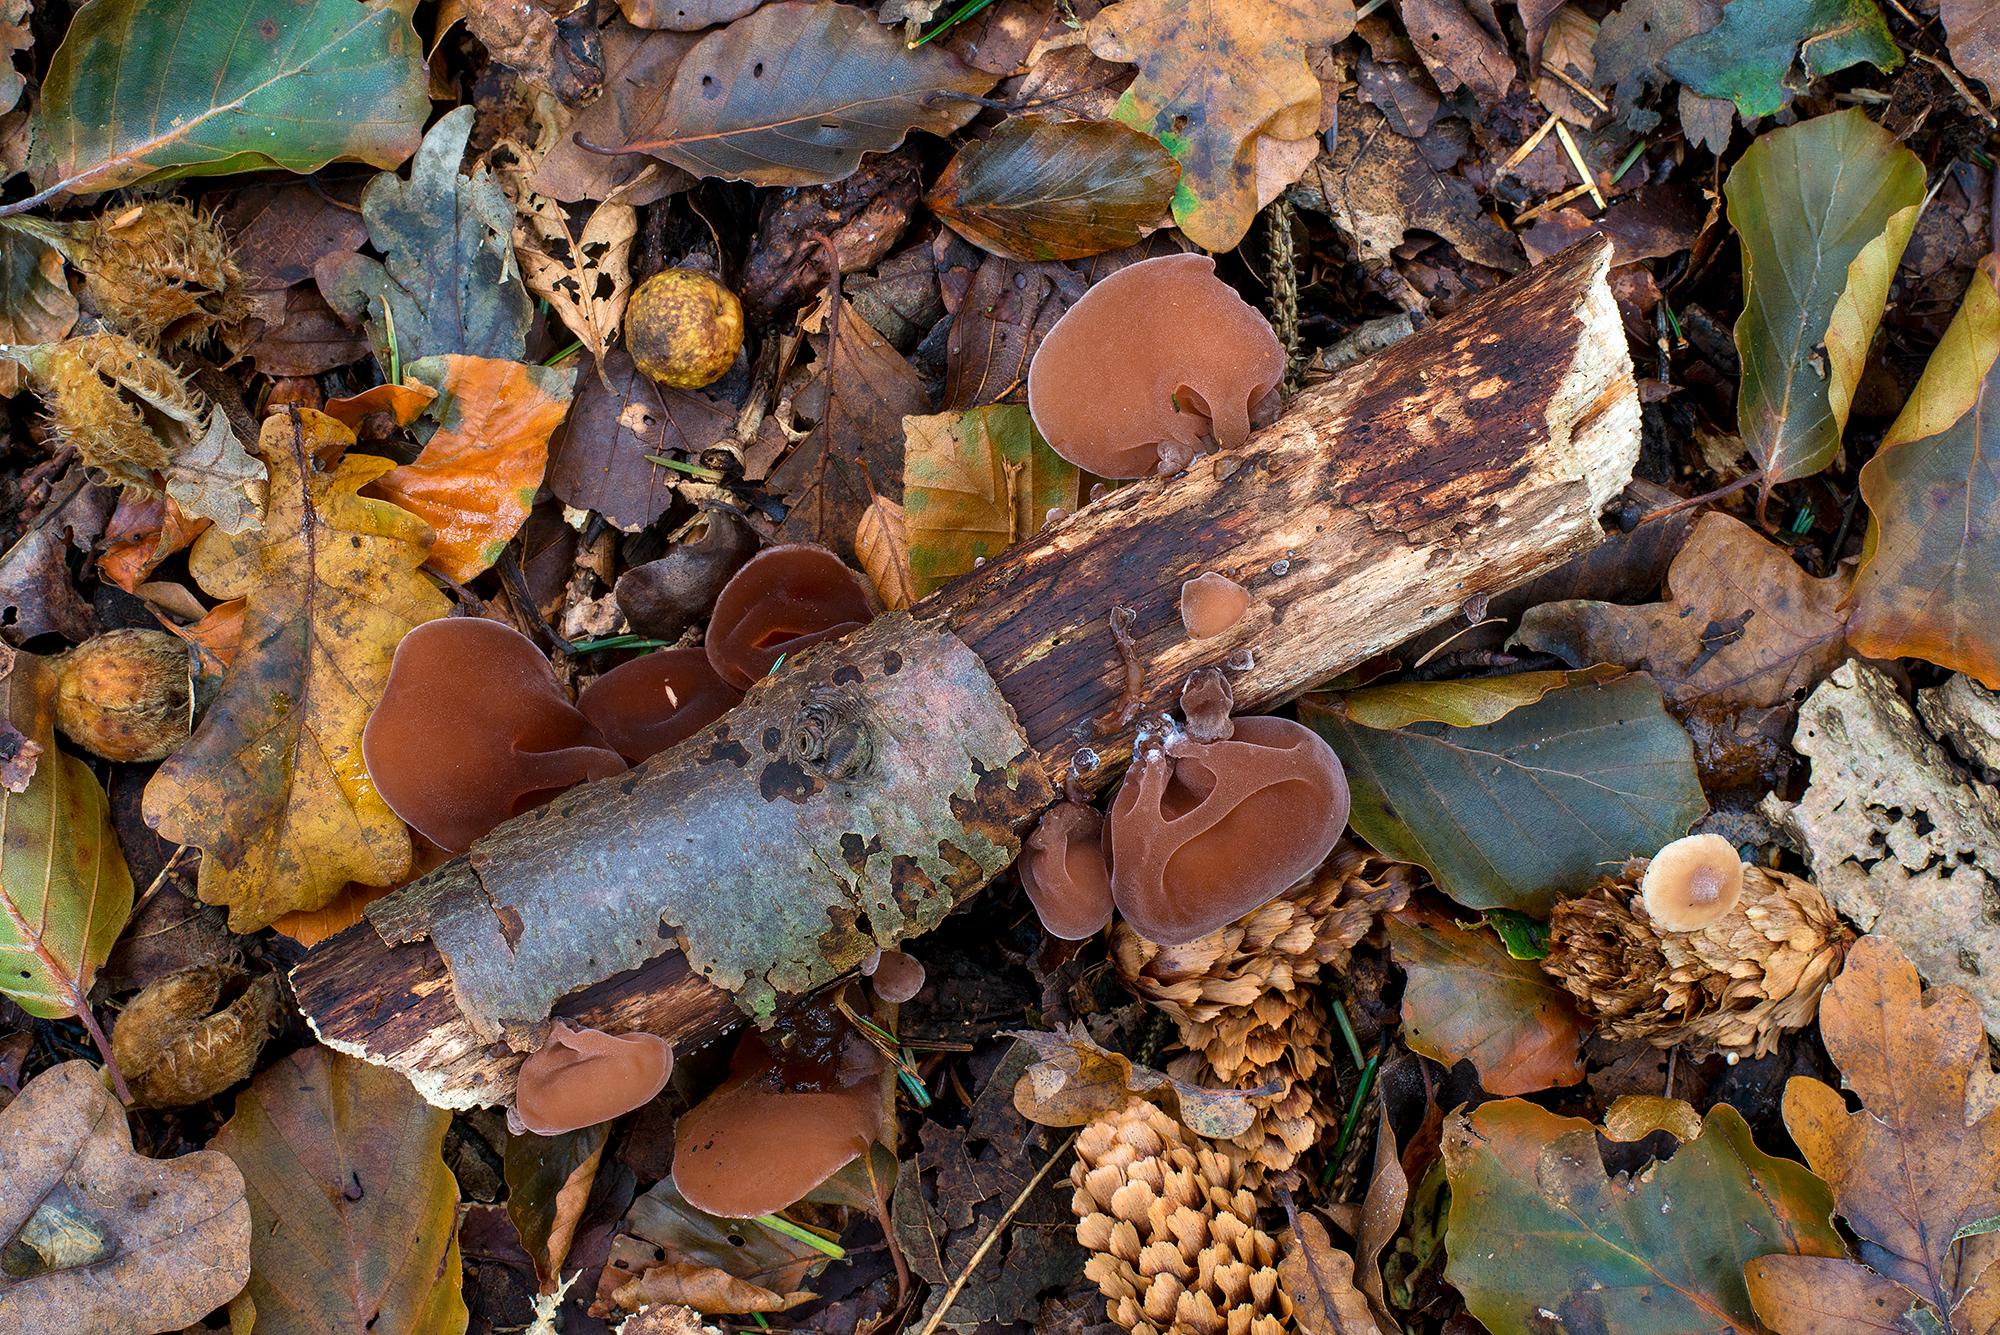 Echt judasoor (Auricularia auricula-judae) op afgebroken tak tussen herfstbladeren in het bos van het Noordhollands Duinreservaat bij Heemskerk